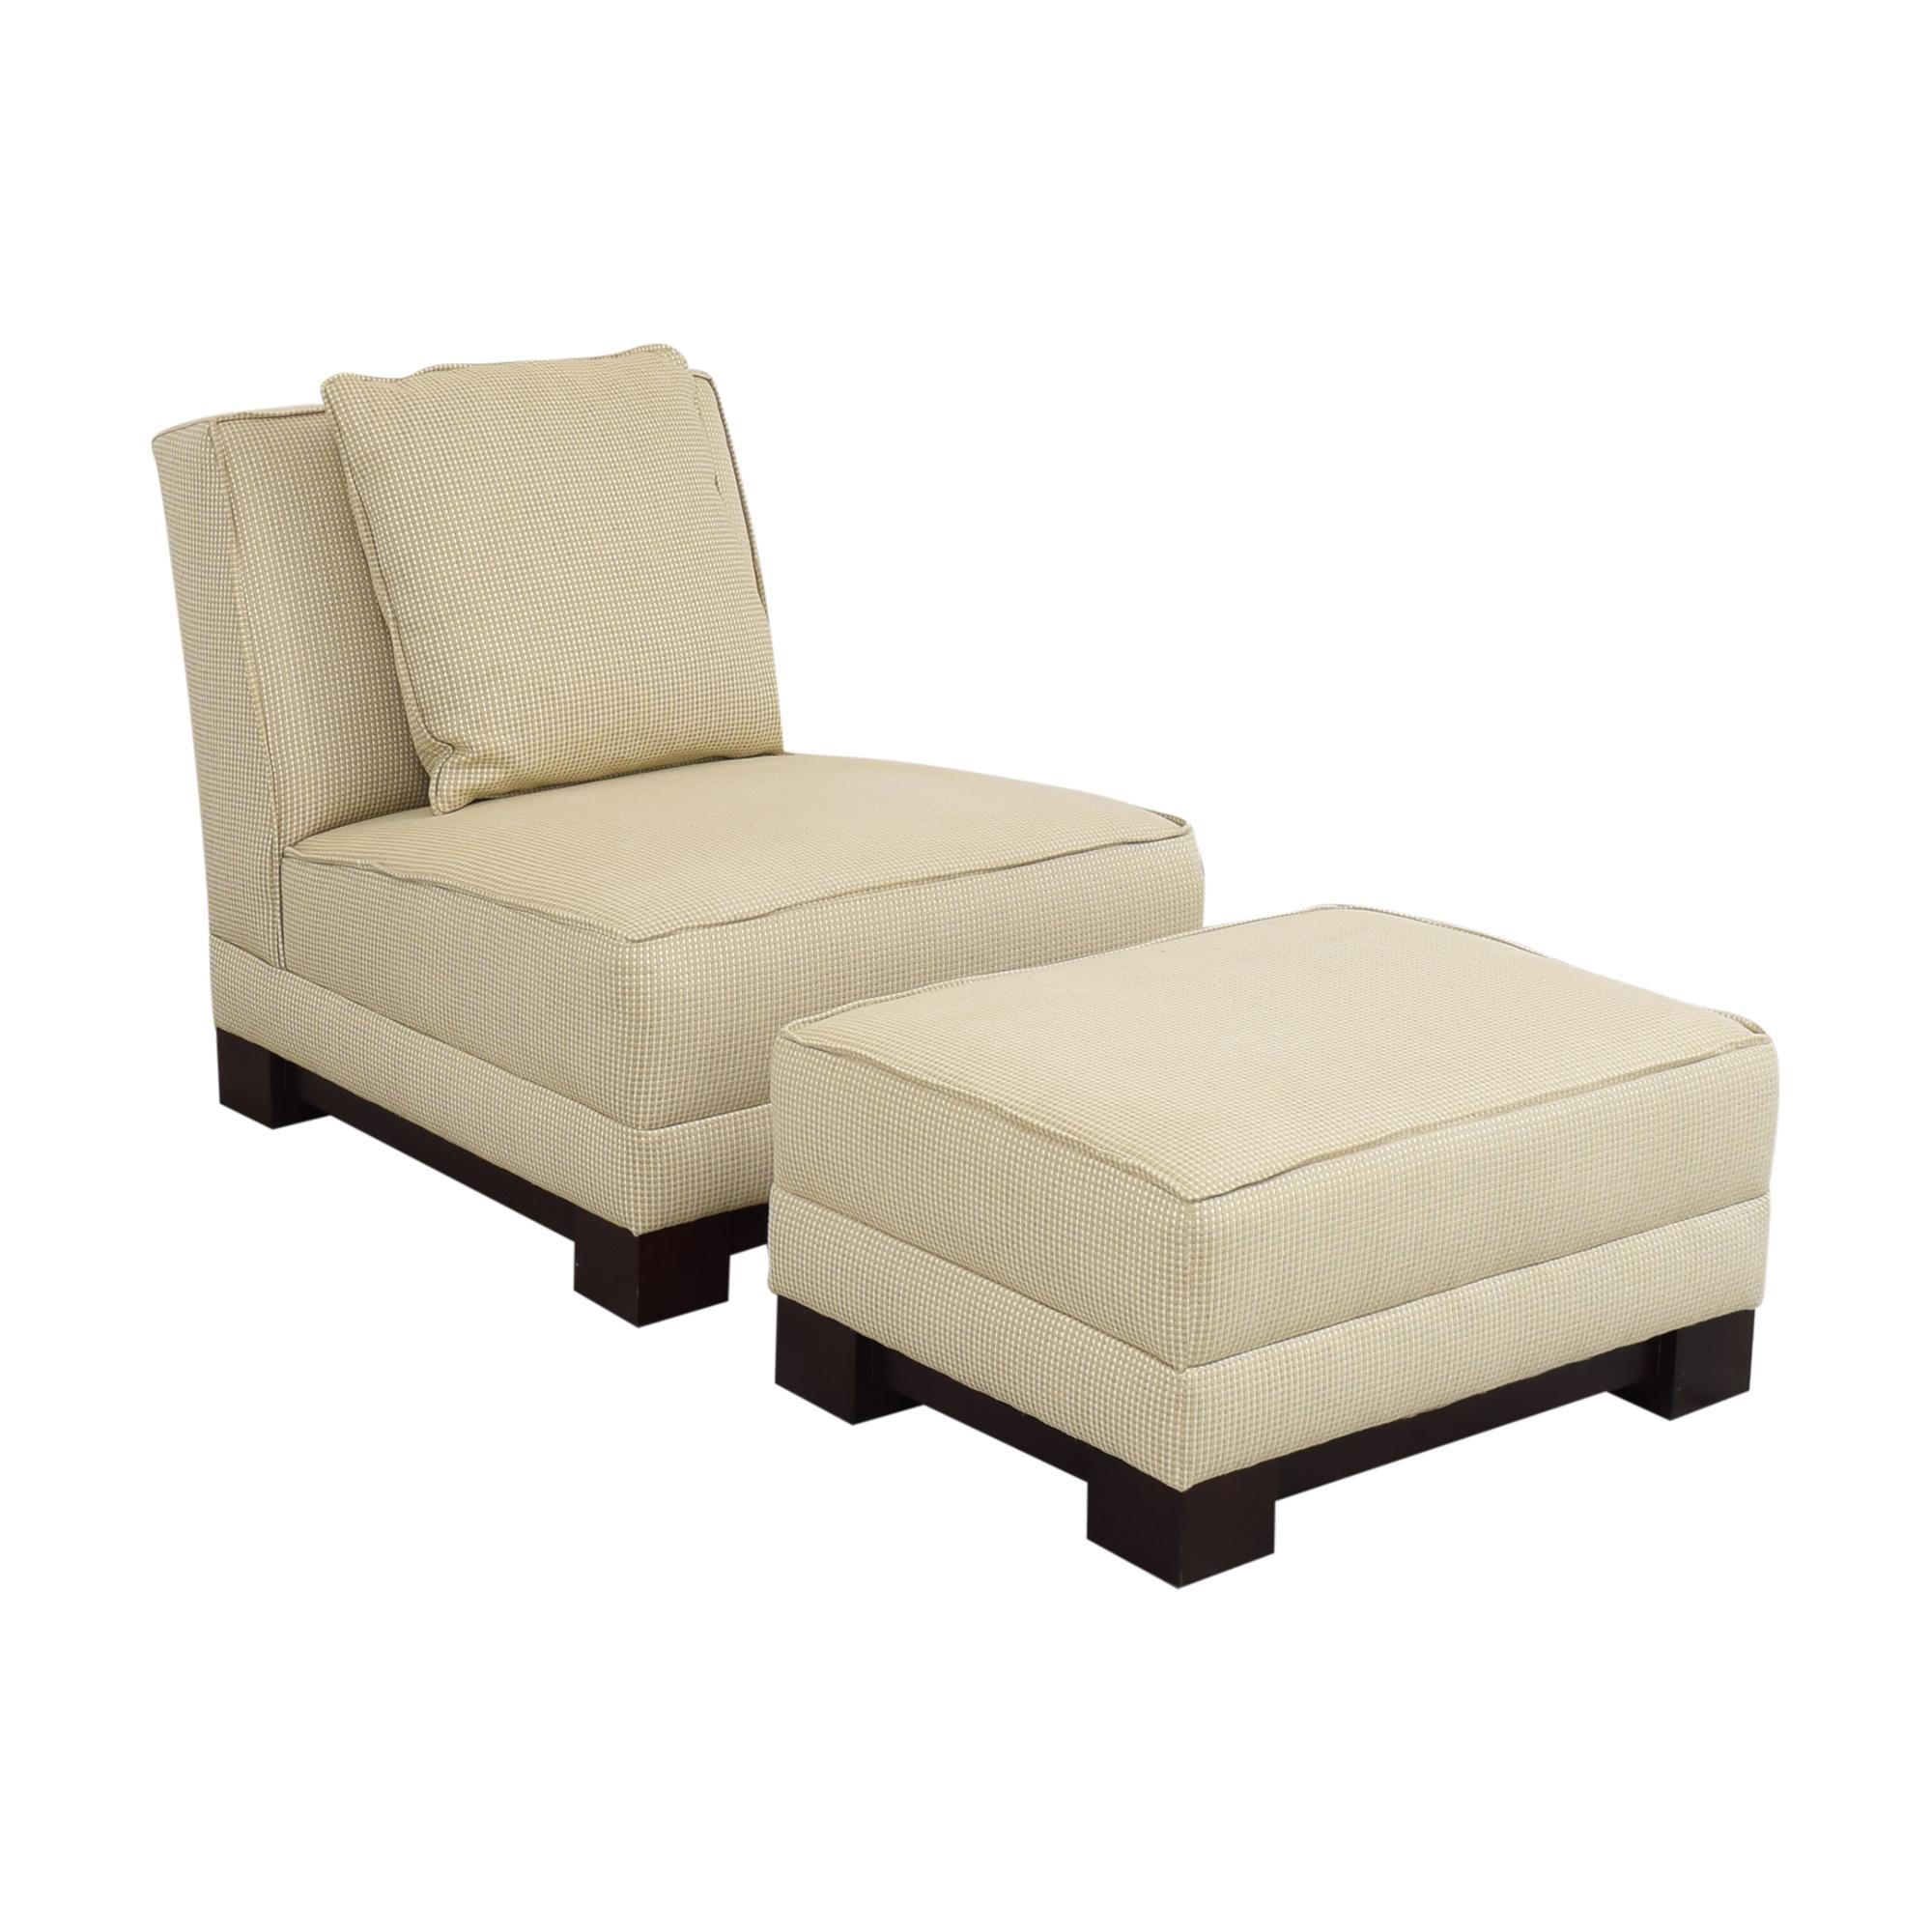 Ralph Lauren Home Ralph Lauren Home Hasley Slipper Chair with Ottoman